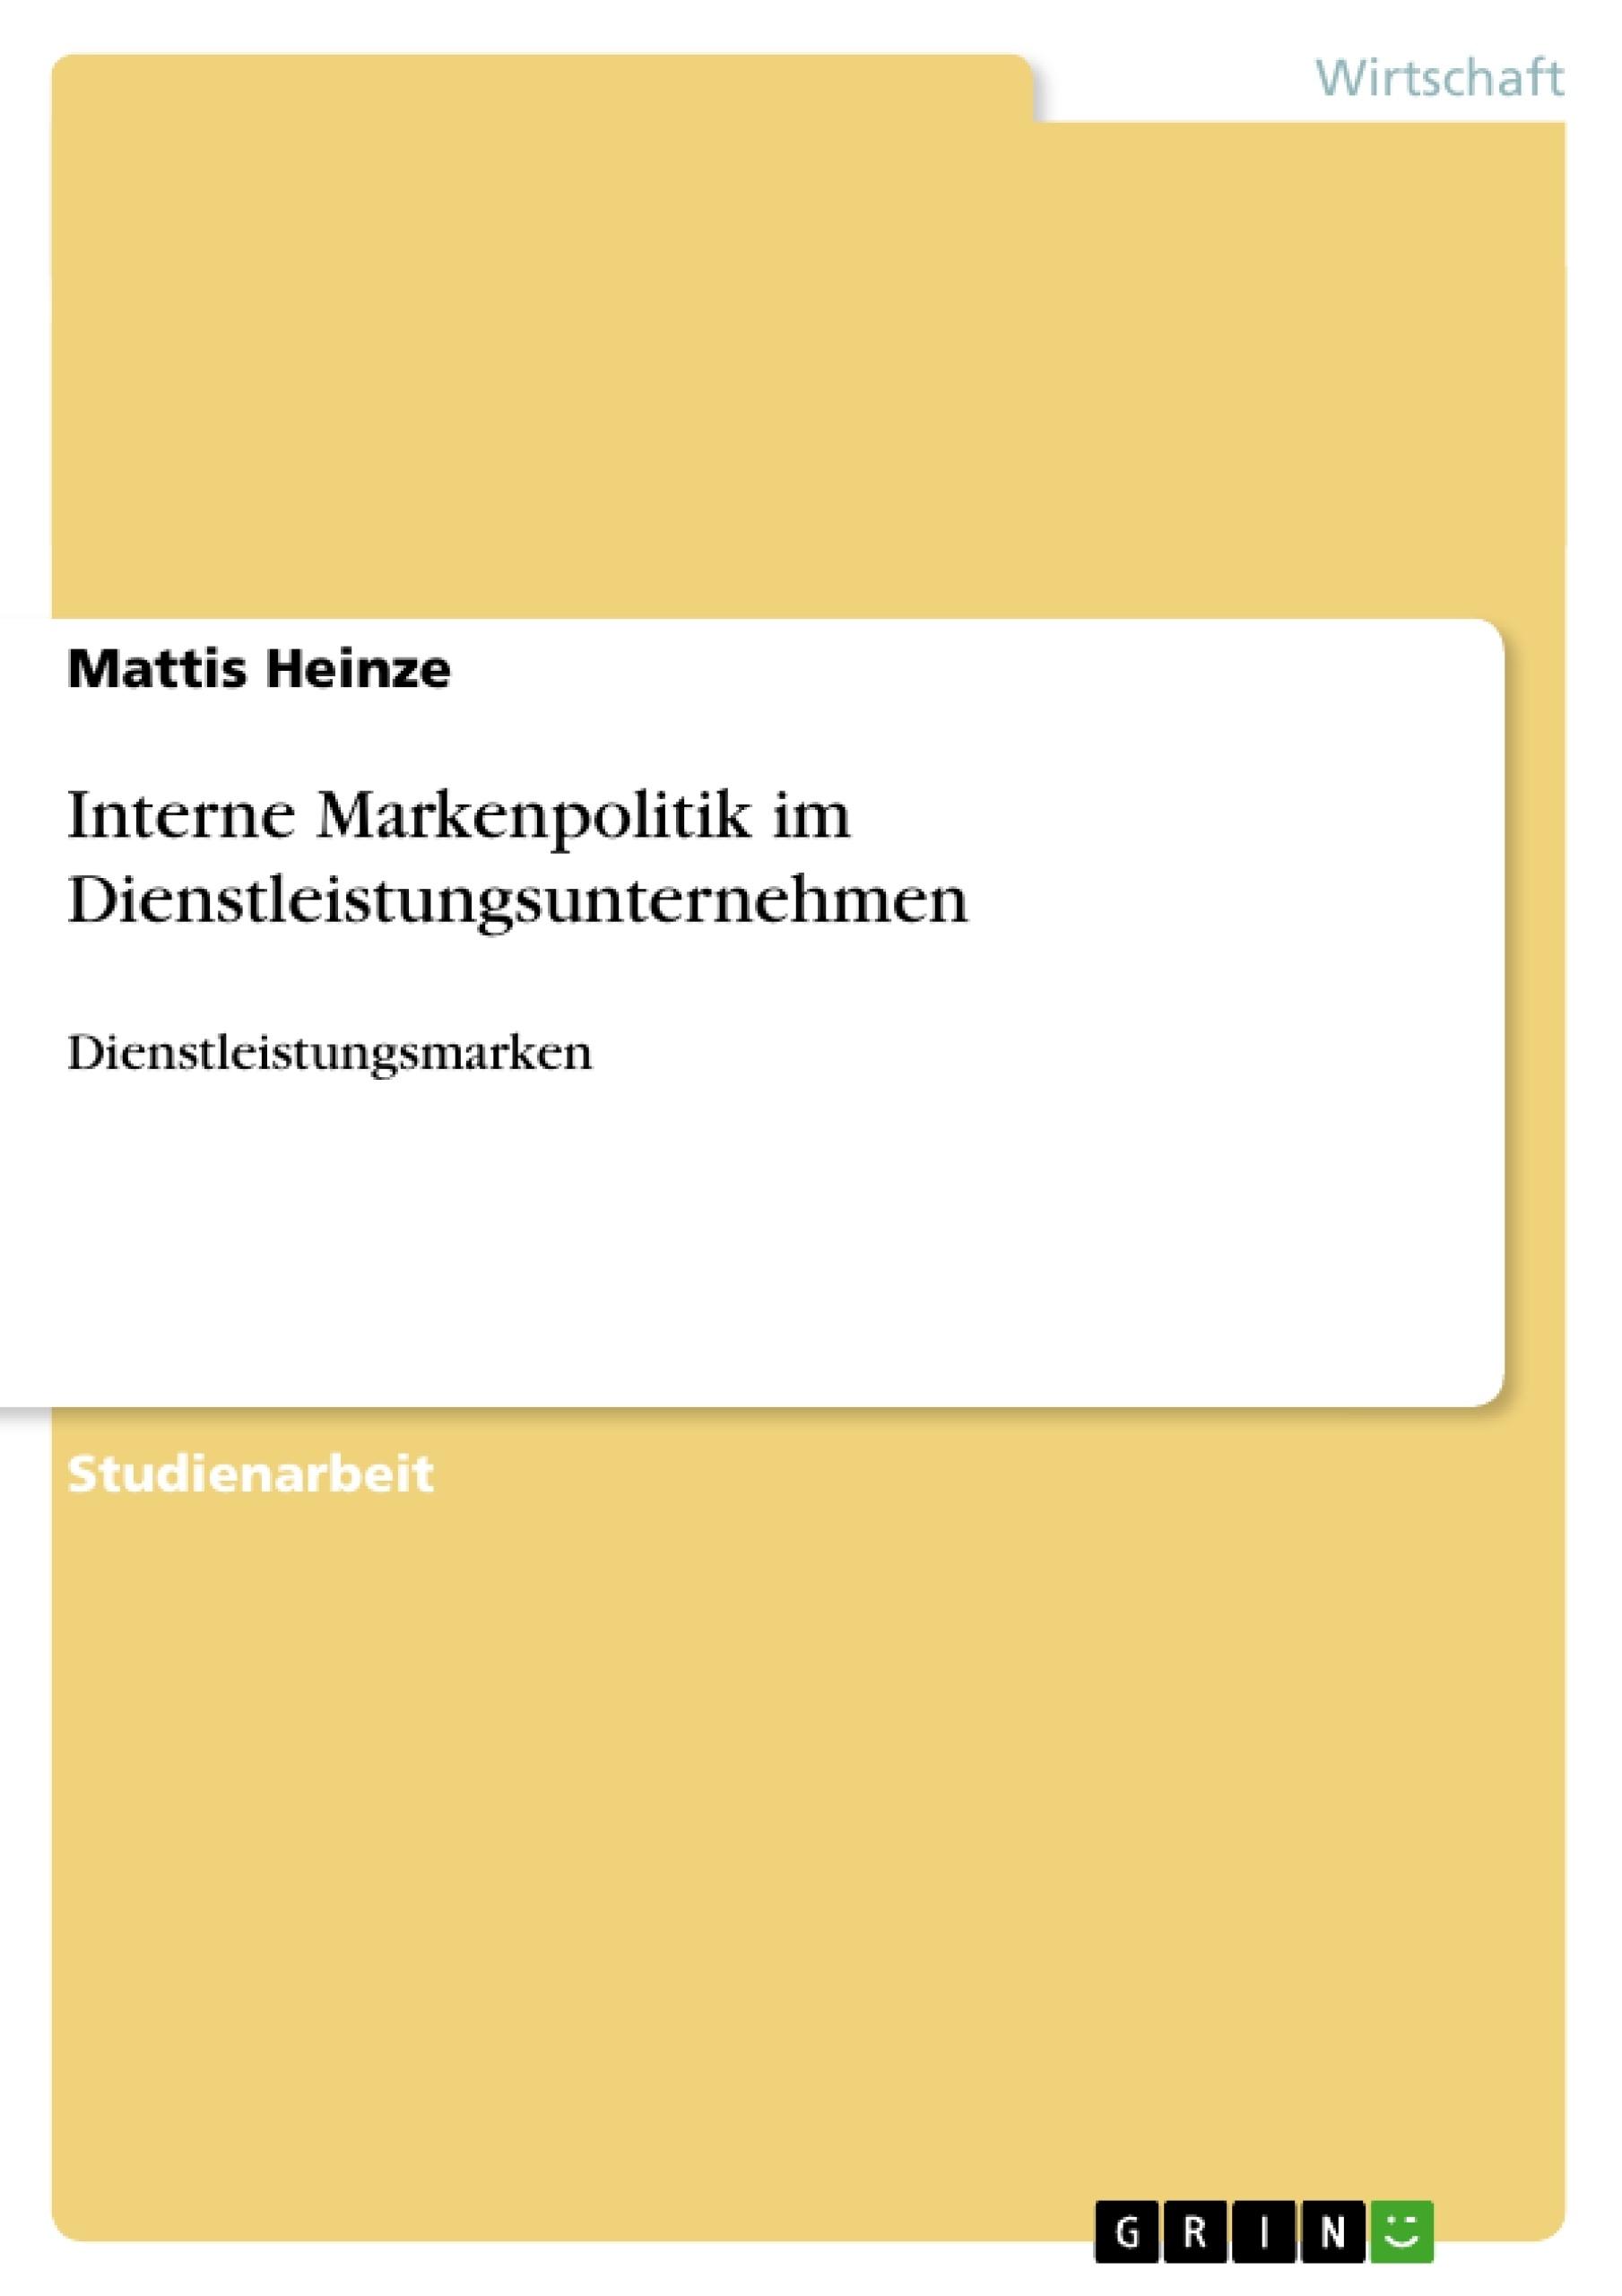 Titel: Interne Markenpolitik im Dienstleistungsunternehmen